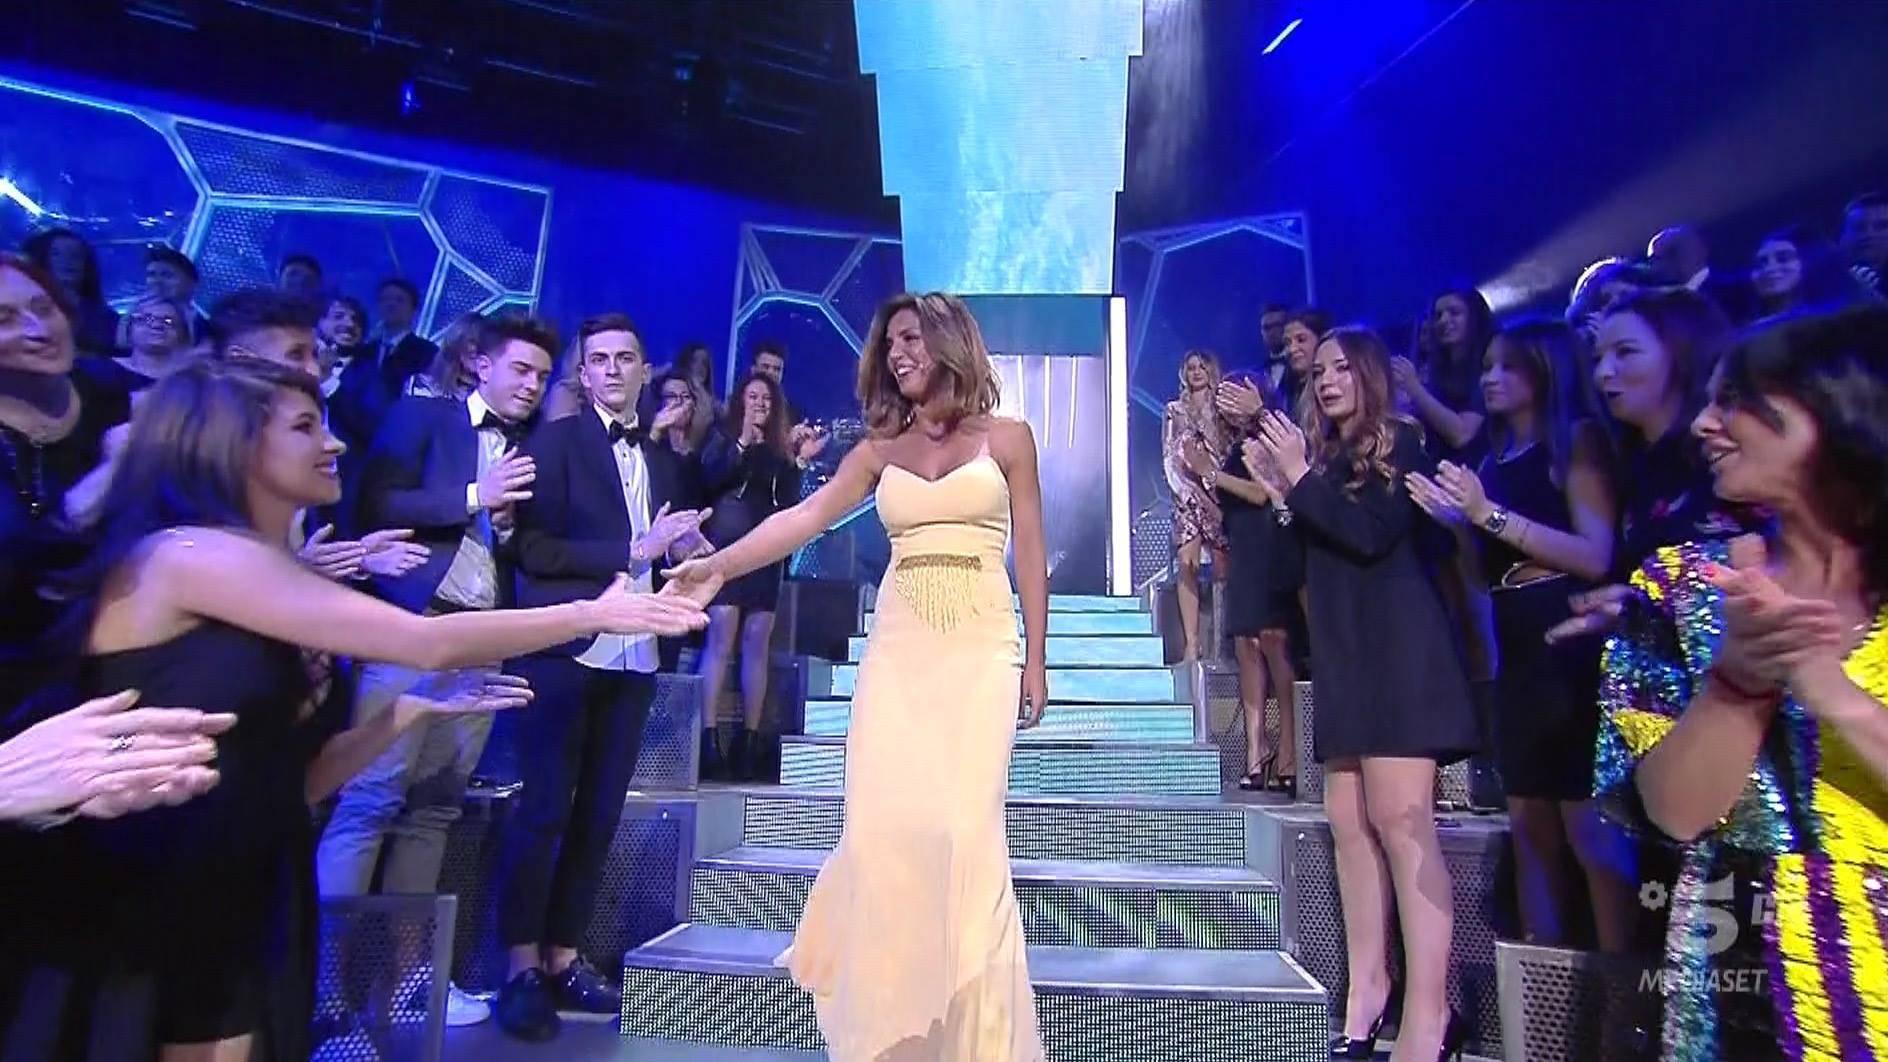 Isola dei Famosi 2018: Flavio Montruccio fa una sorpresa ad Alessia Mancini